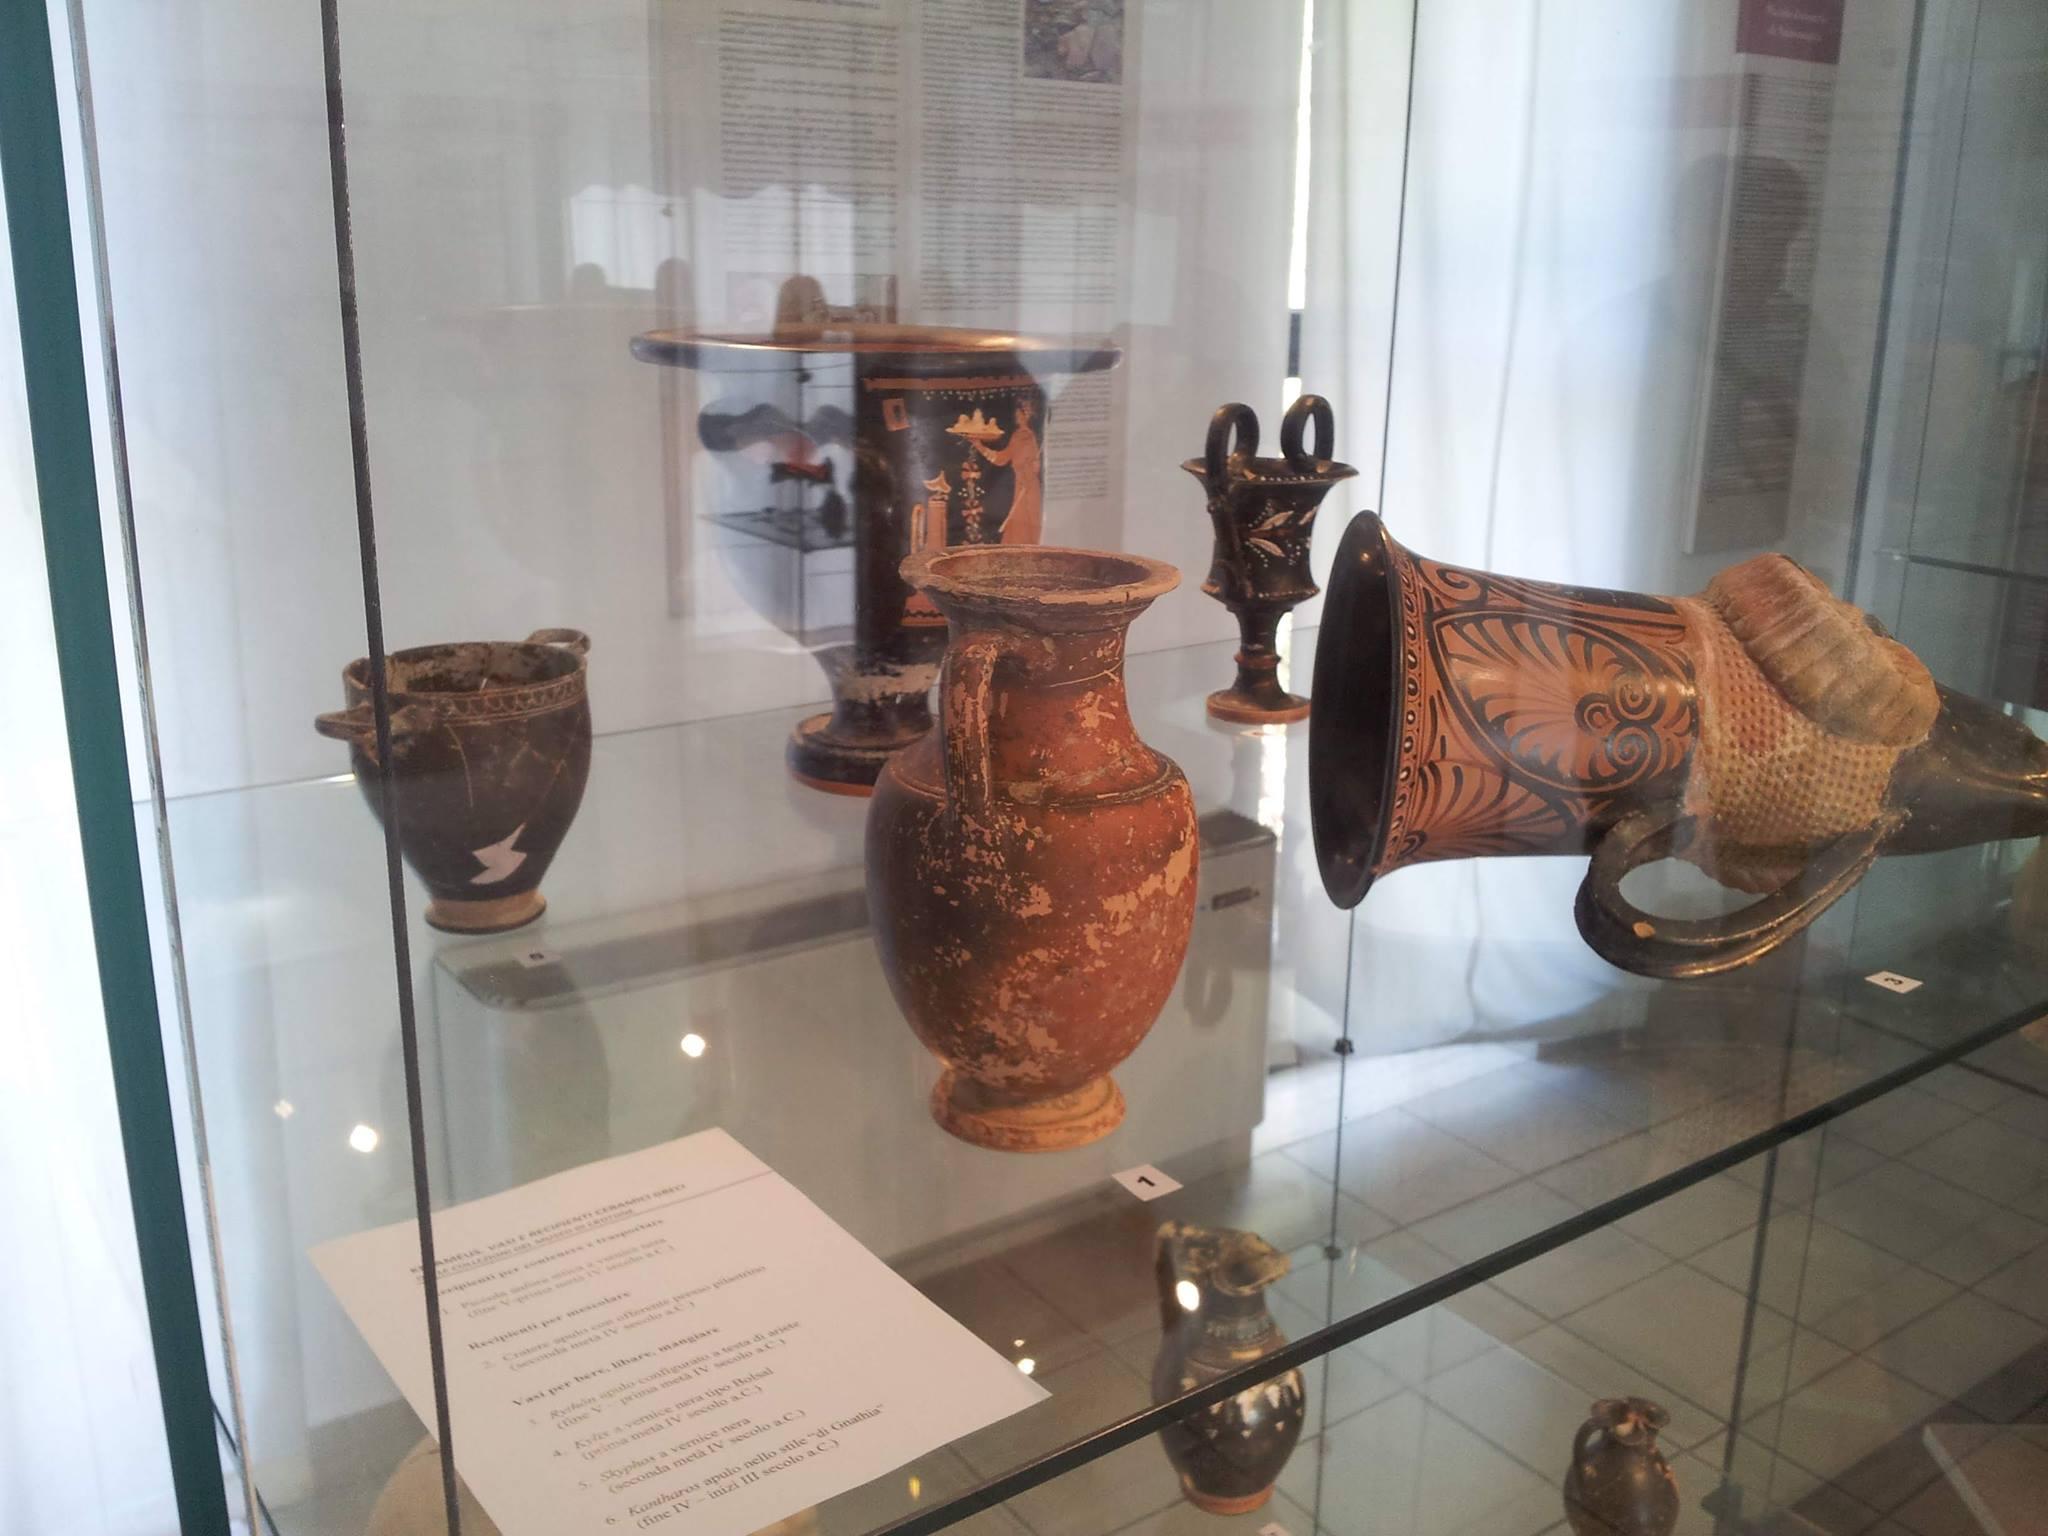 Notte Europea dei Musei 2021 - Apertura straordinaria del Museo archeologico nazionale di Crotone